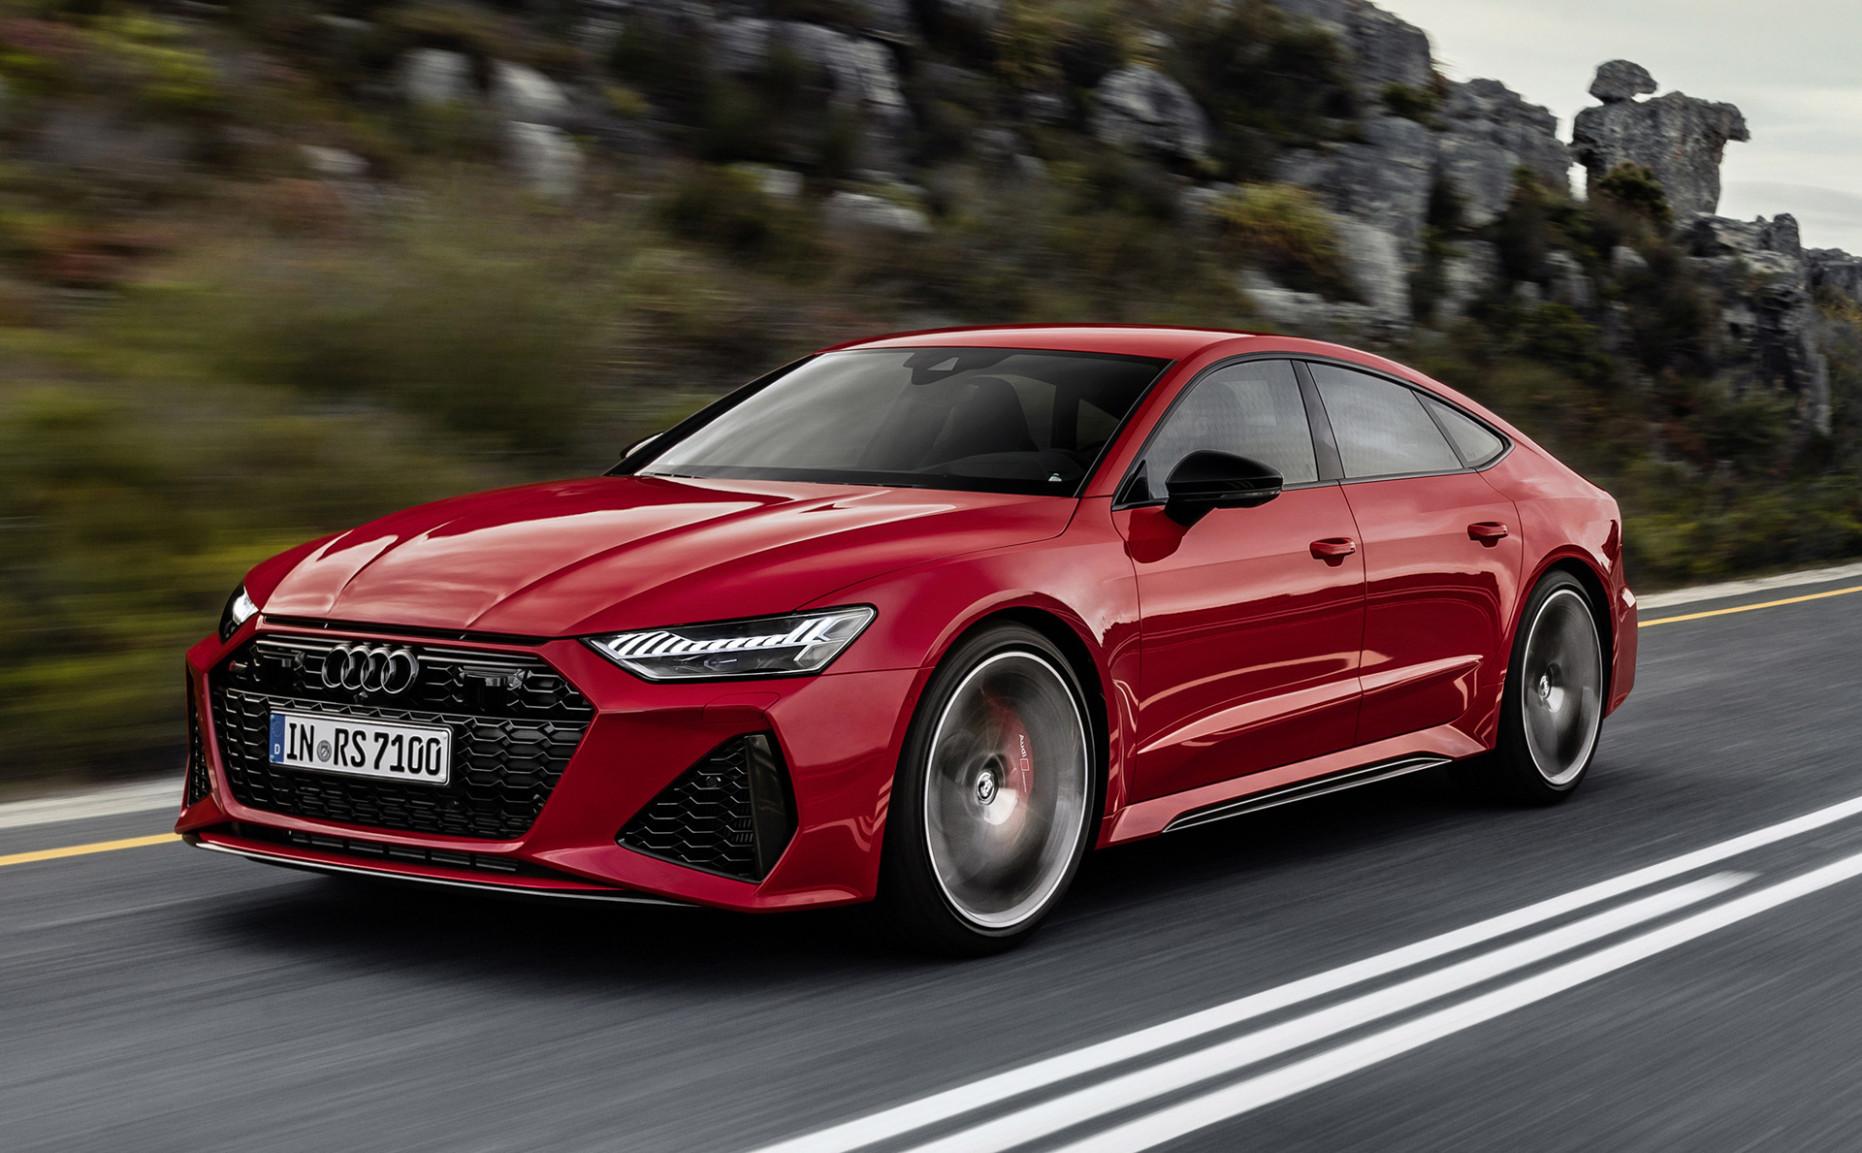 History Audi Rs7 2022